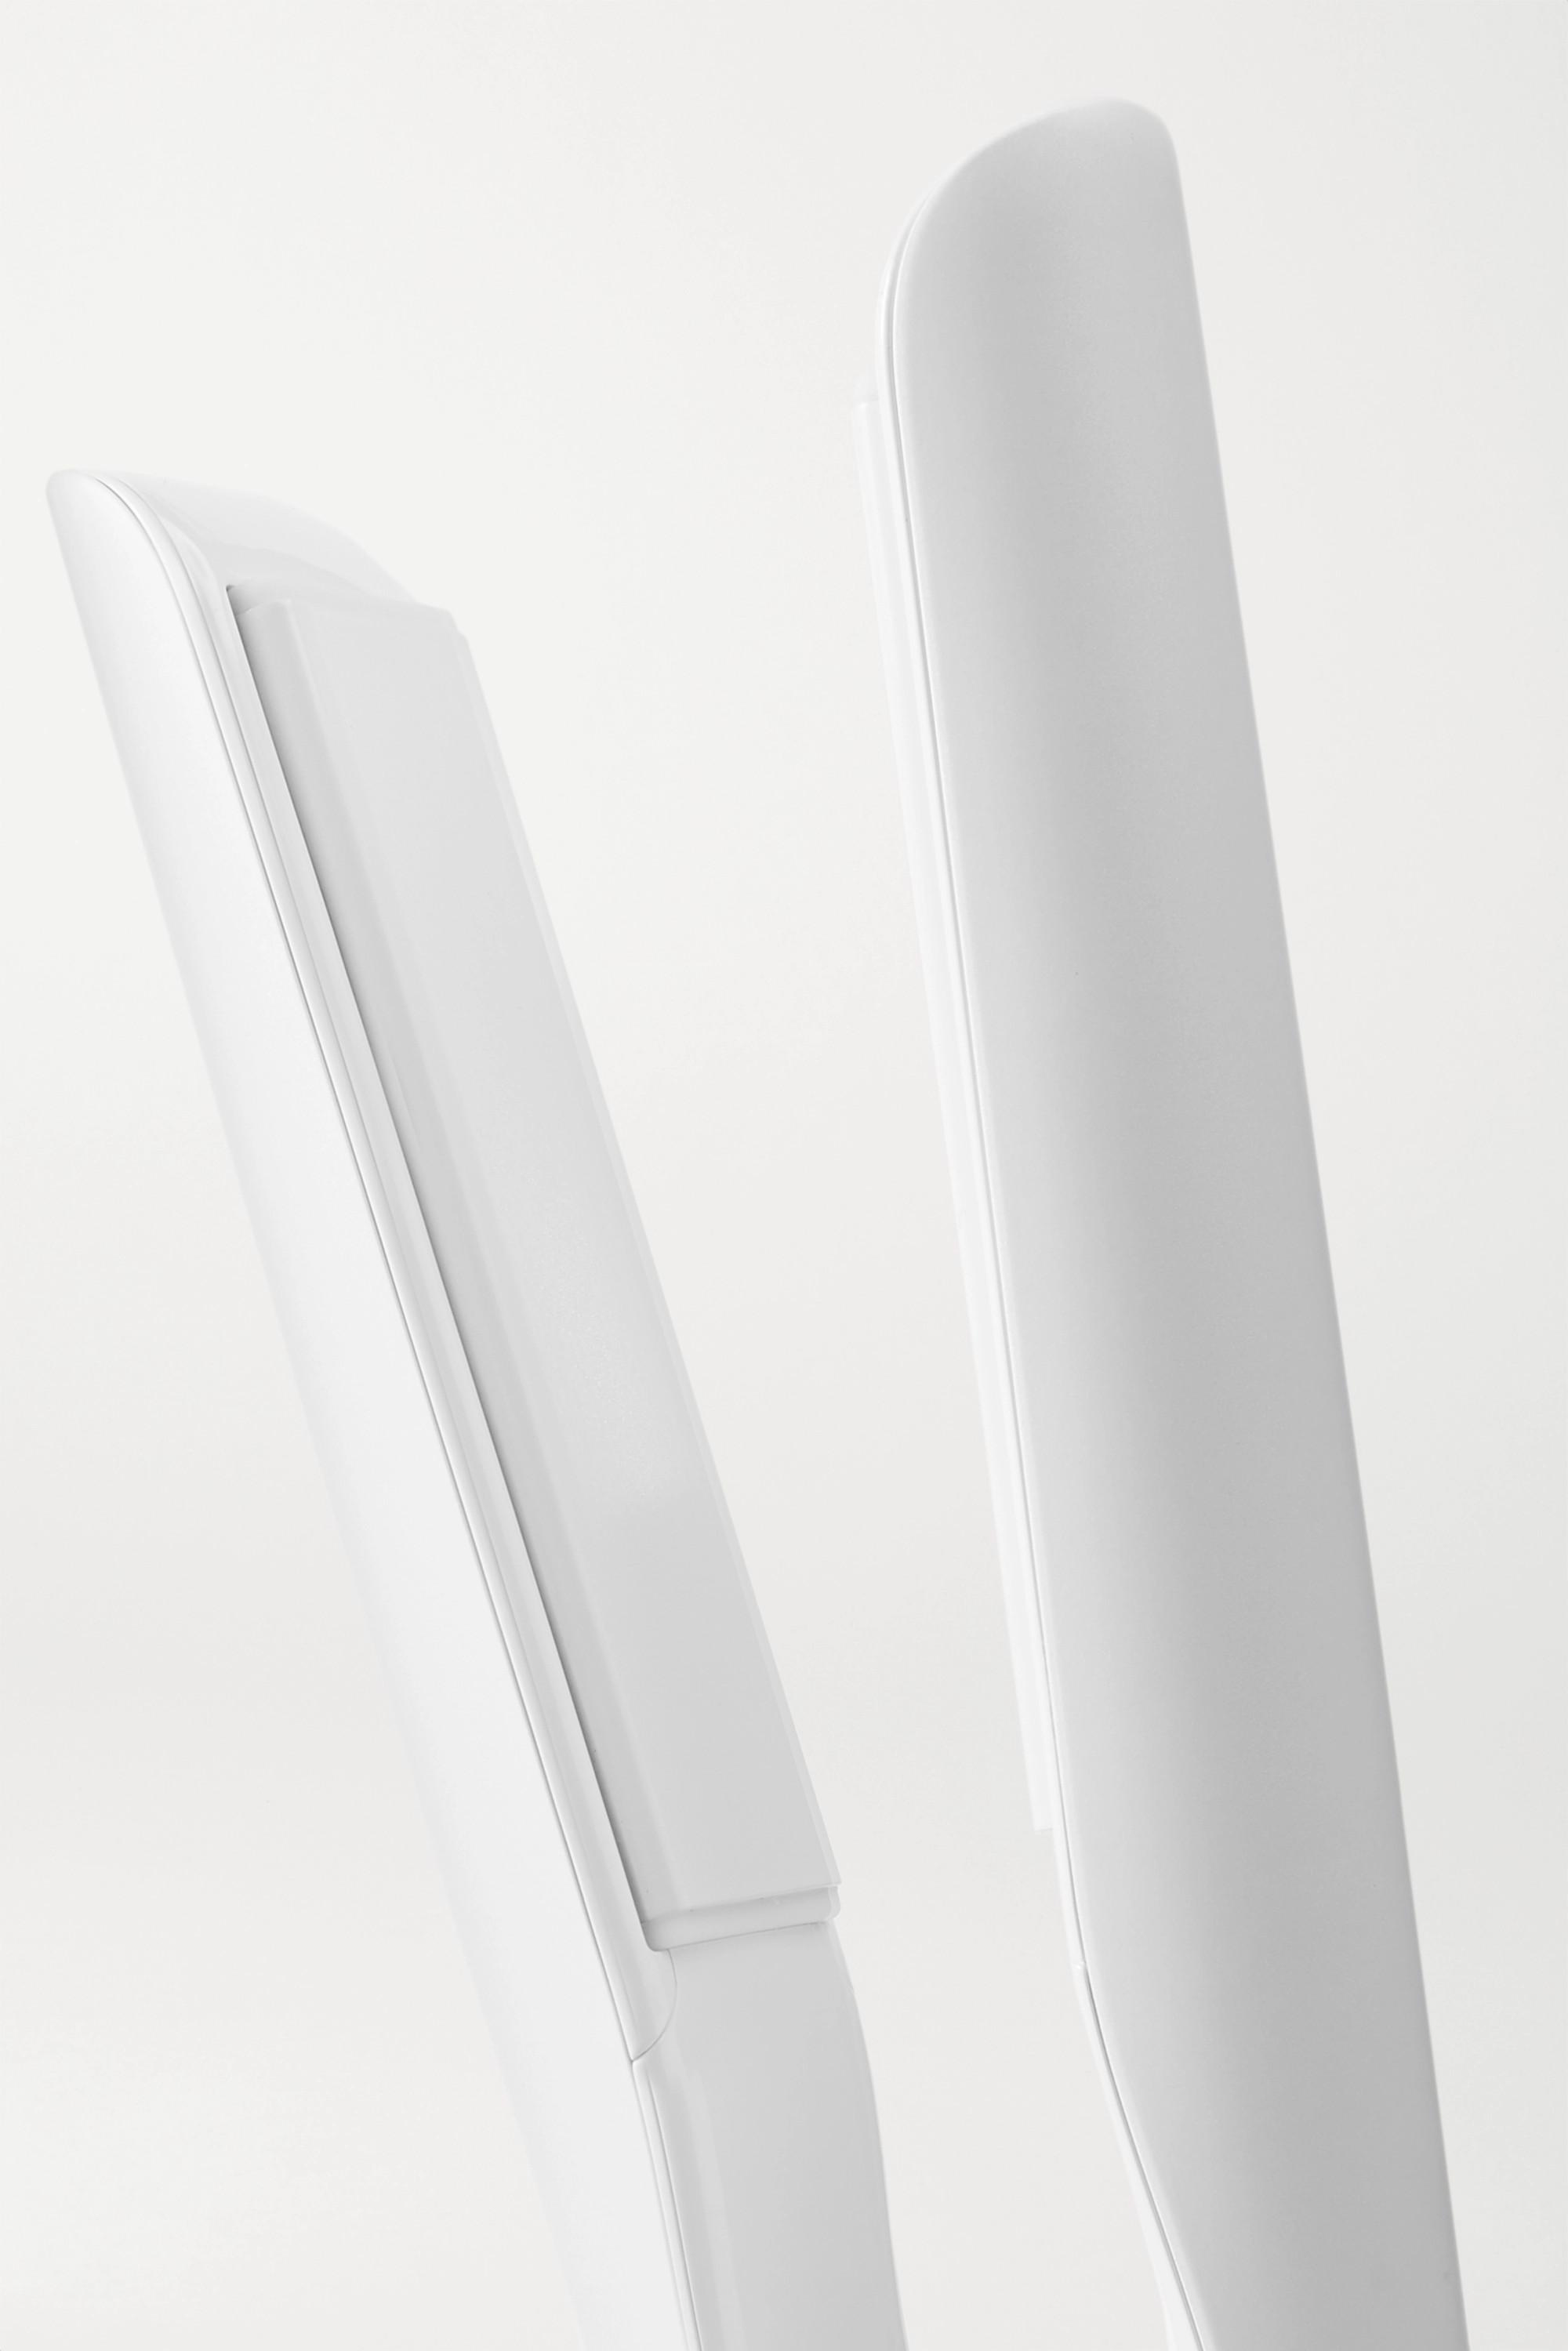 T3 Lucea 1-inch Straightening Flat Iron – Glätteisen mit dreipoligem Netzstecker (UK)